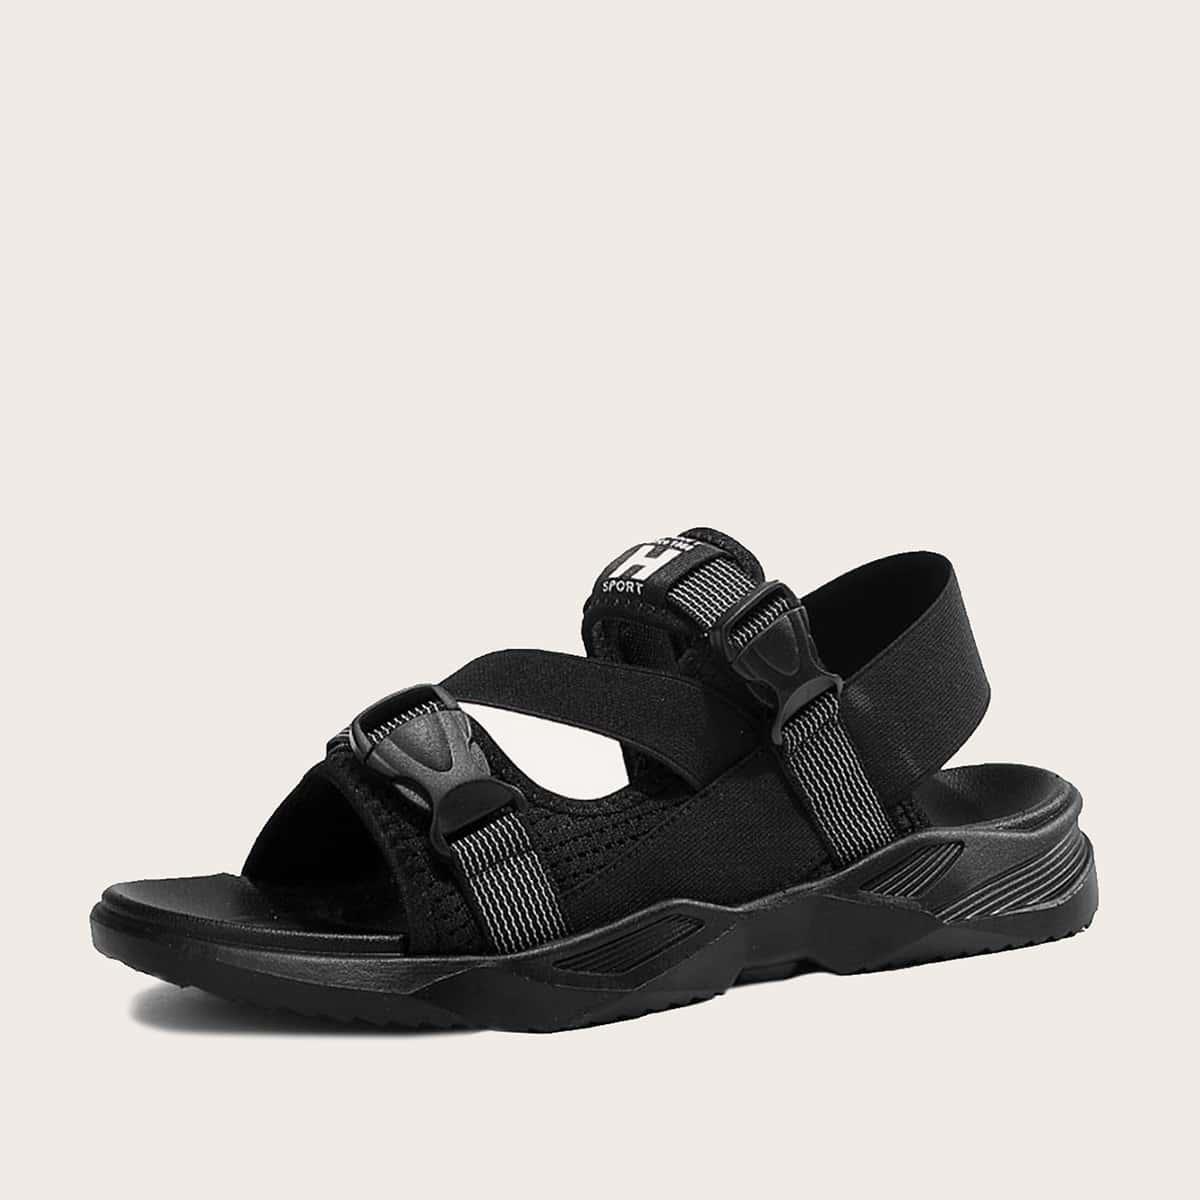 Mannen gesp Decor brief grafische sandalen